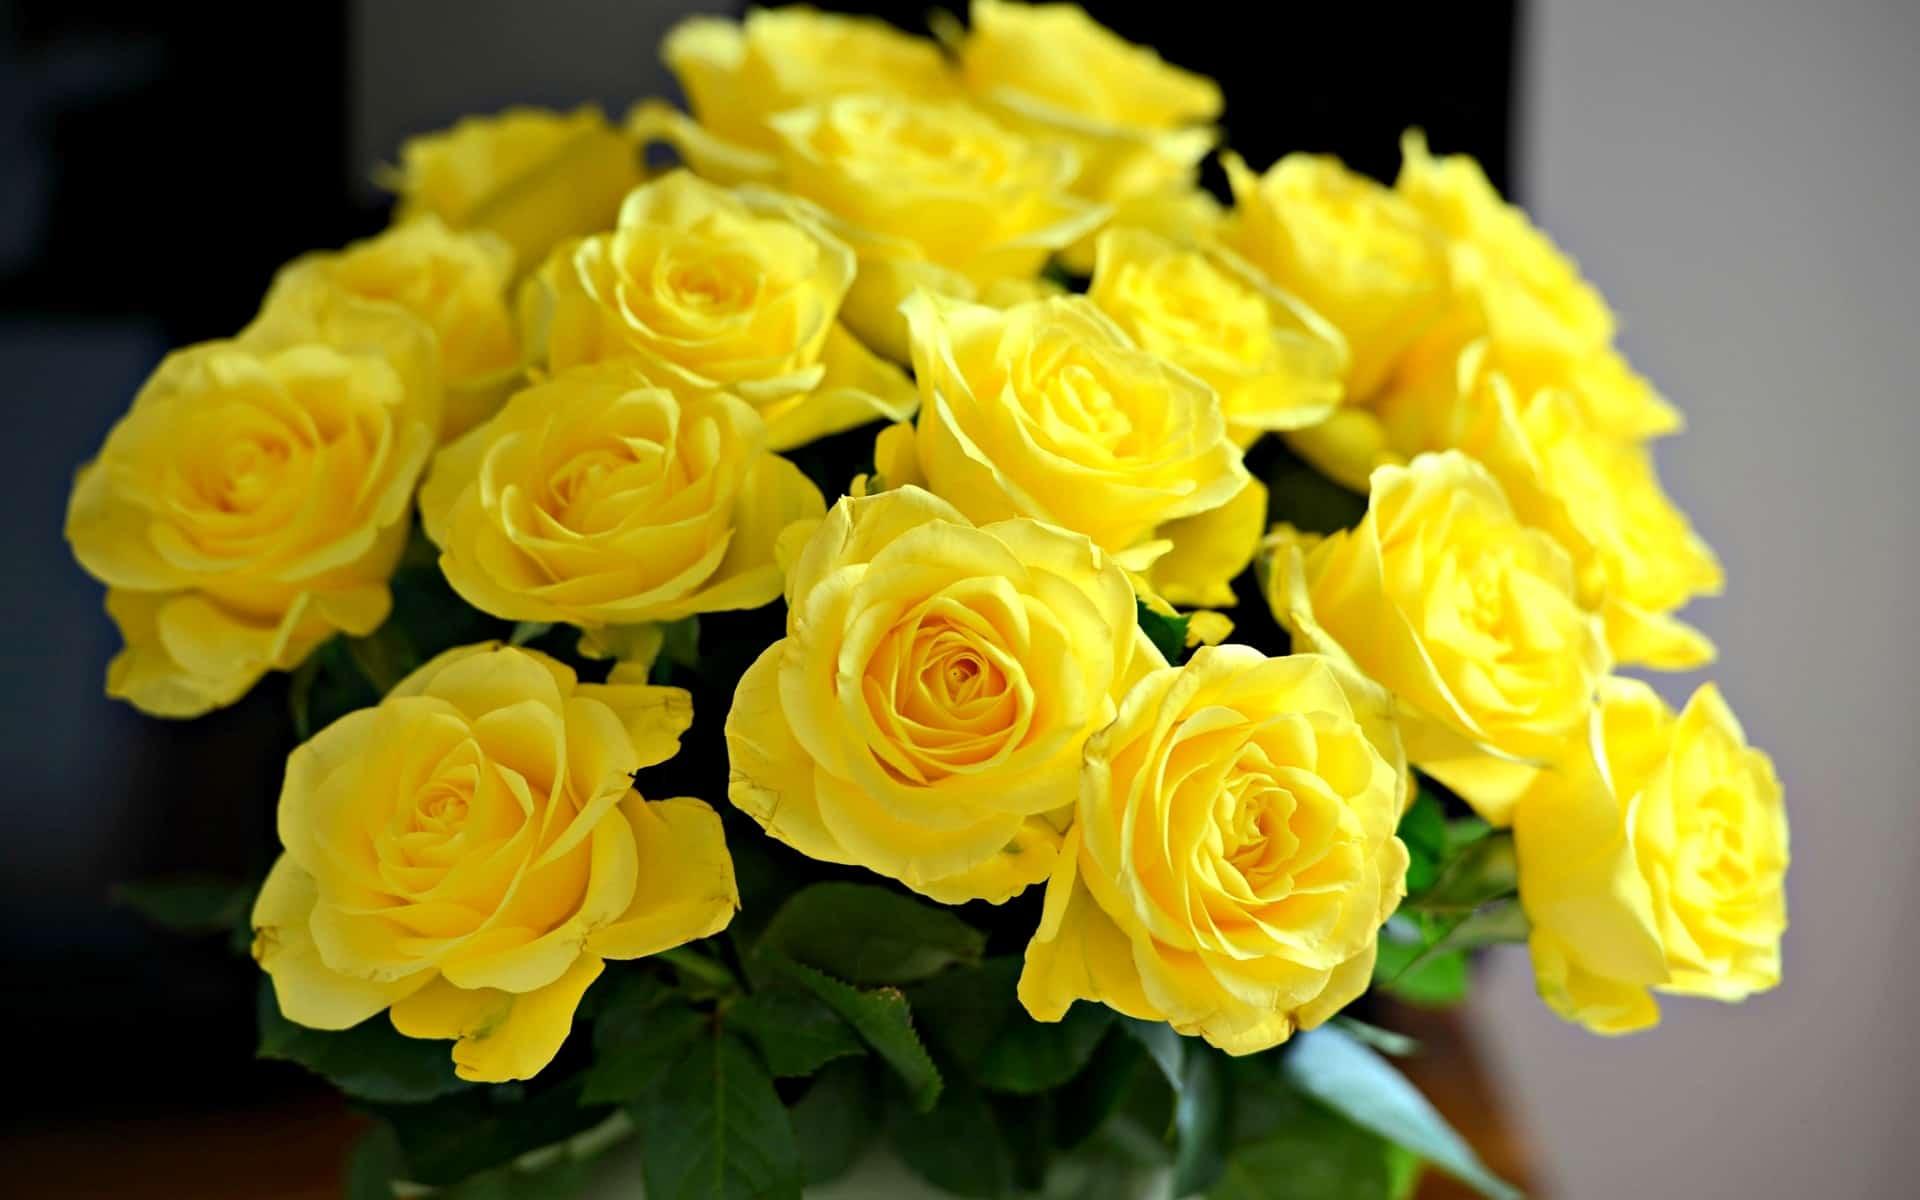 можно ли дарить жёлтые розы?